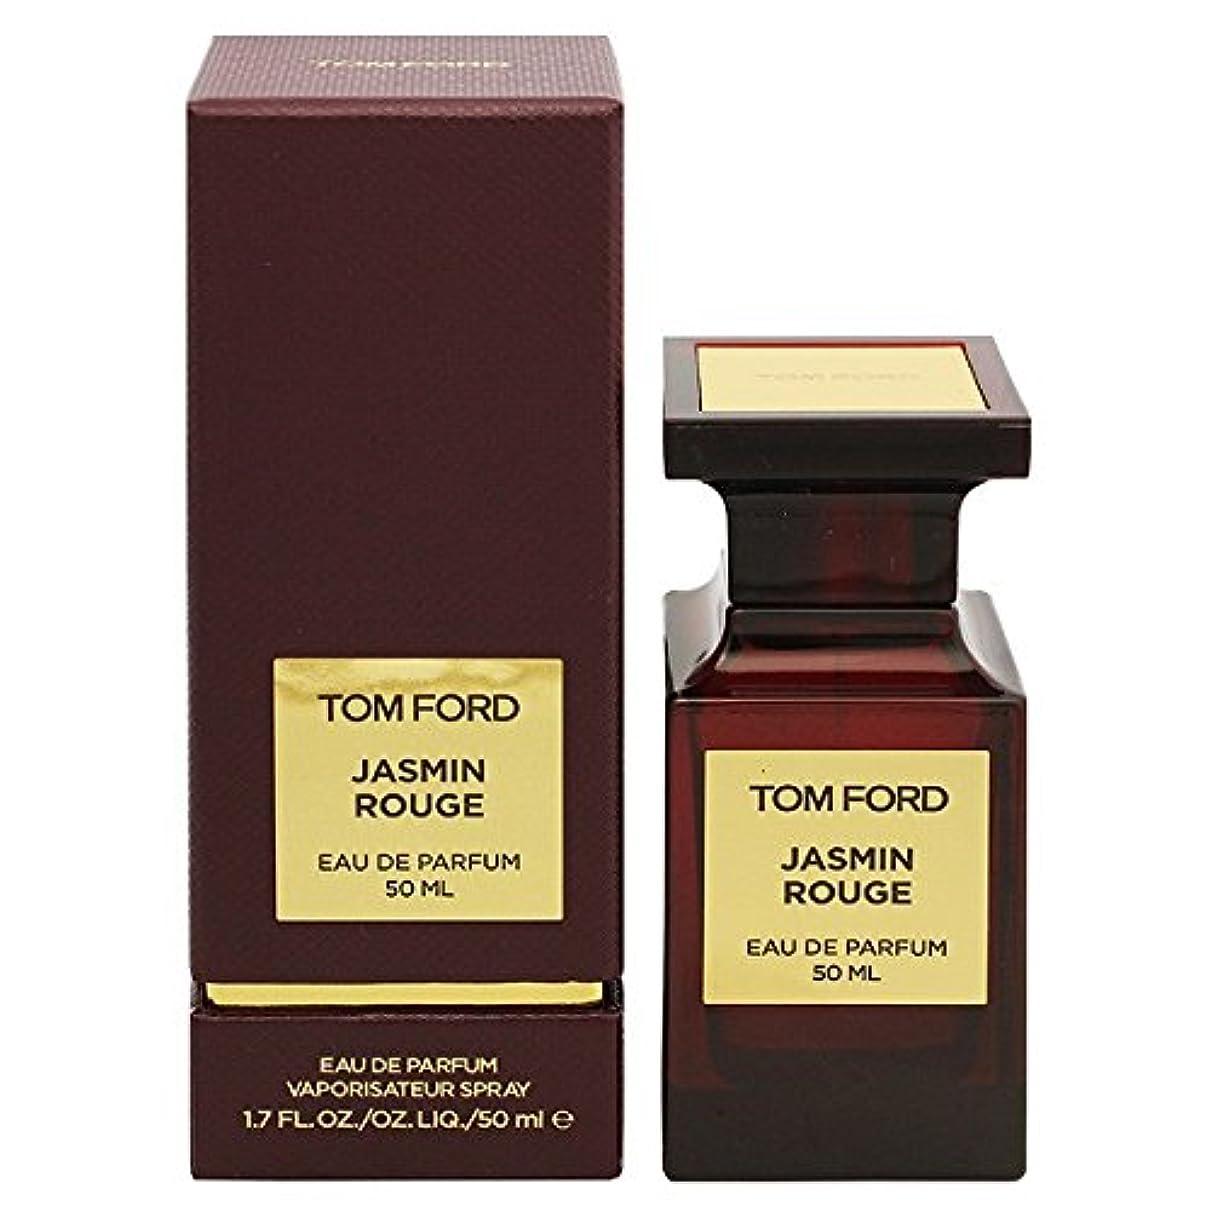 料理をする均等に彼らはトムフォード TOM FORD 香水 ジャスミン ルージュ オード パルファム 50ml レディース [並行輸入品]